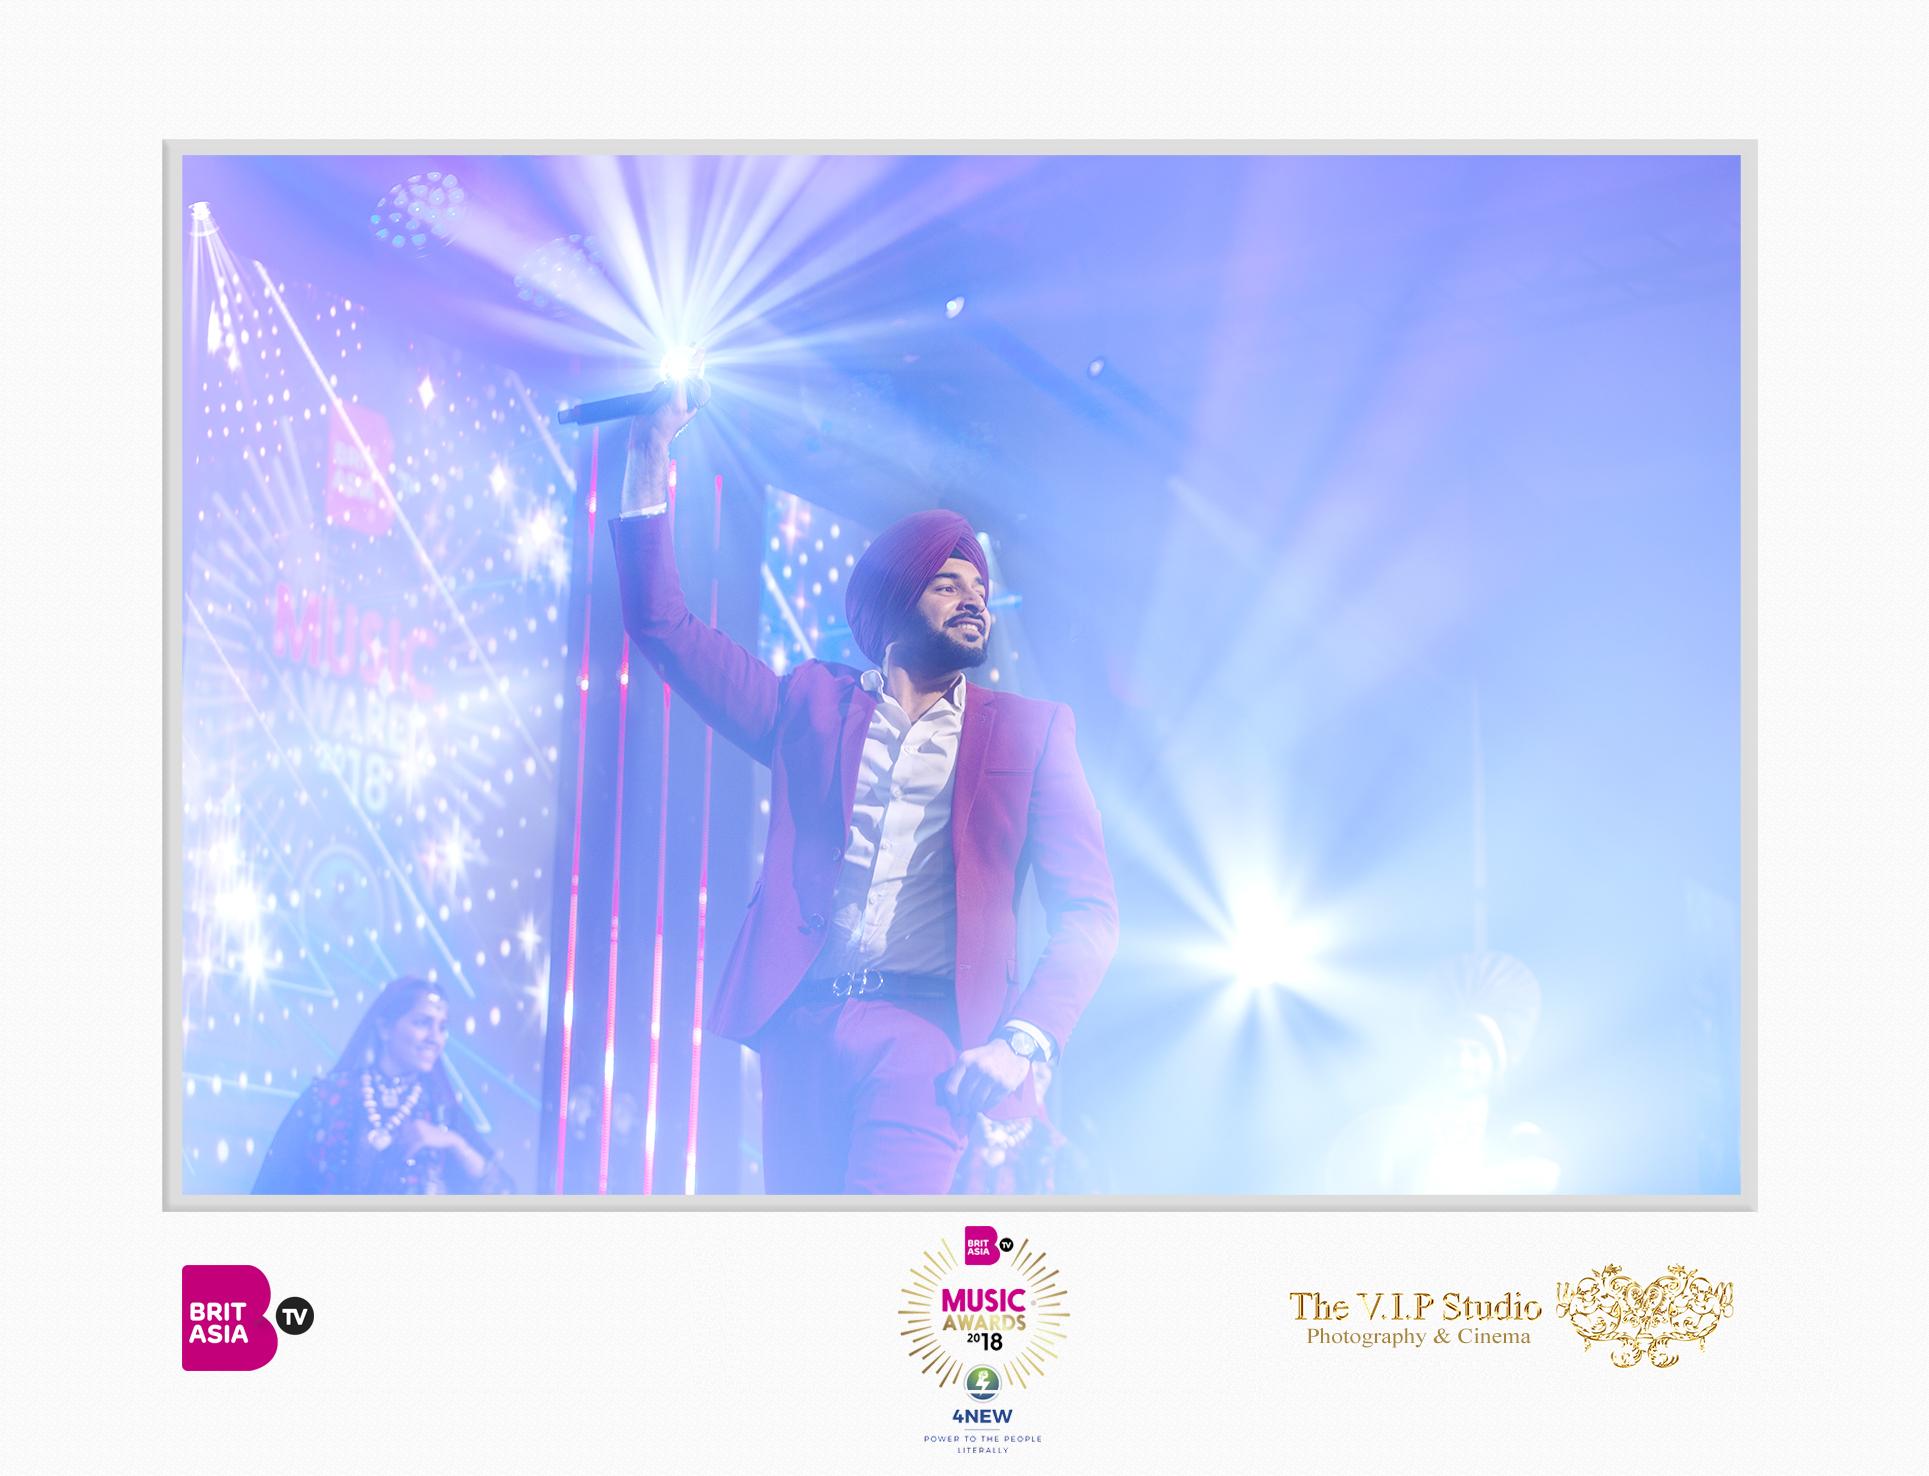 The VIP Studio - BritAsia Music Awards - G Sidhu